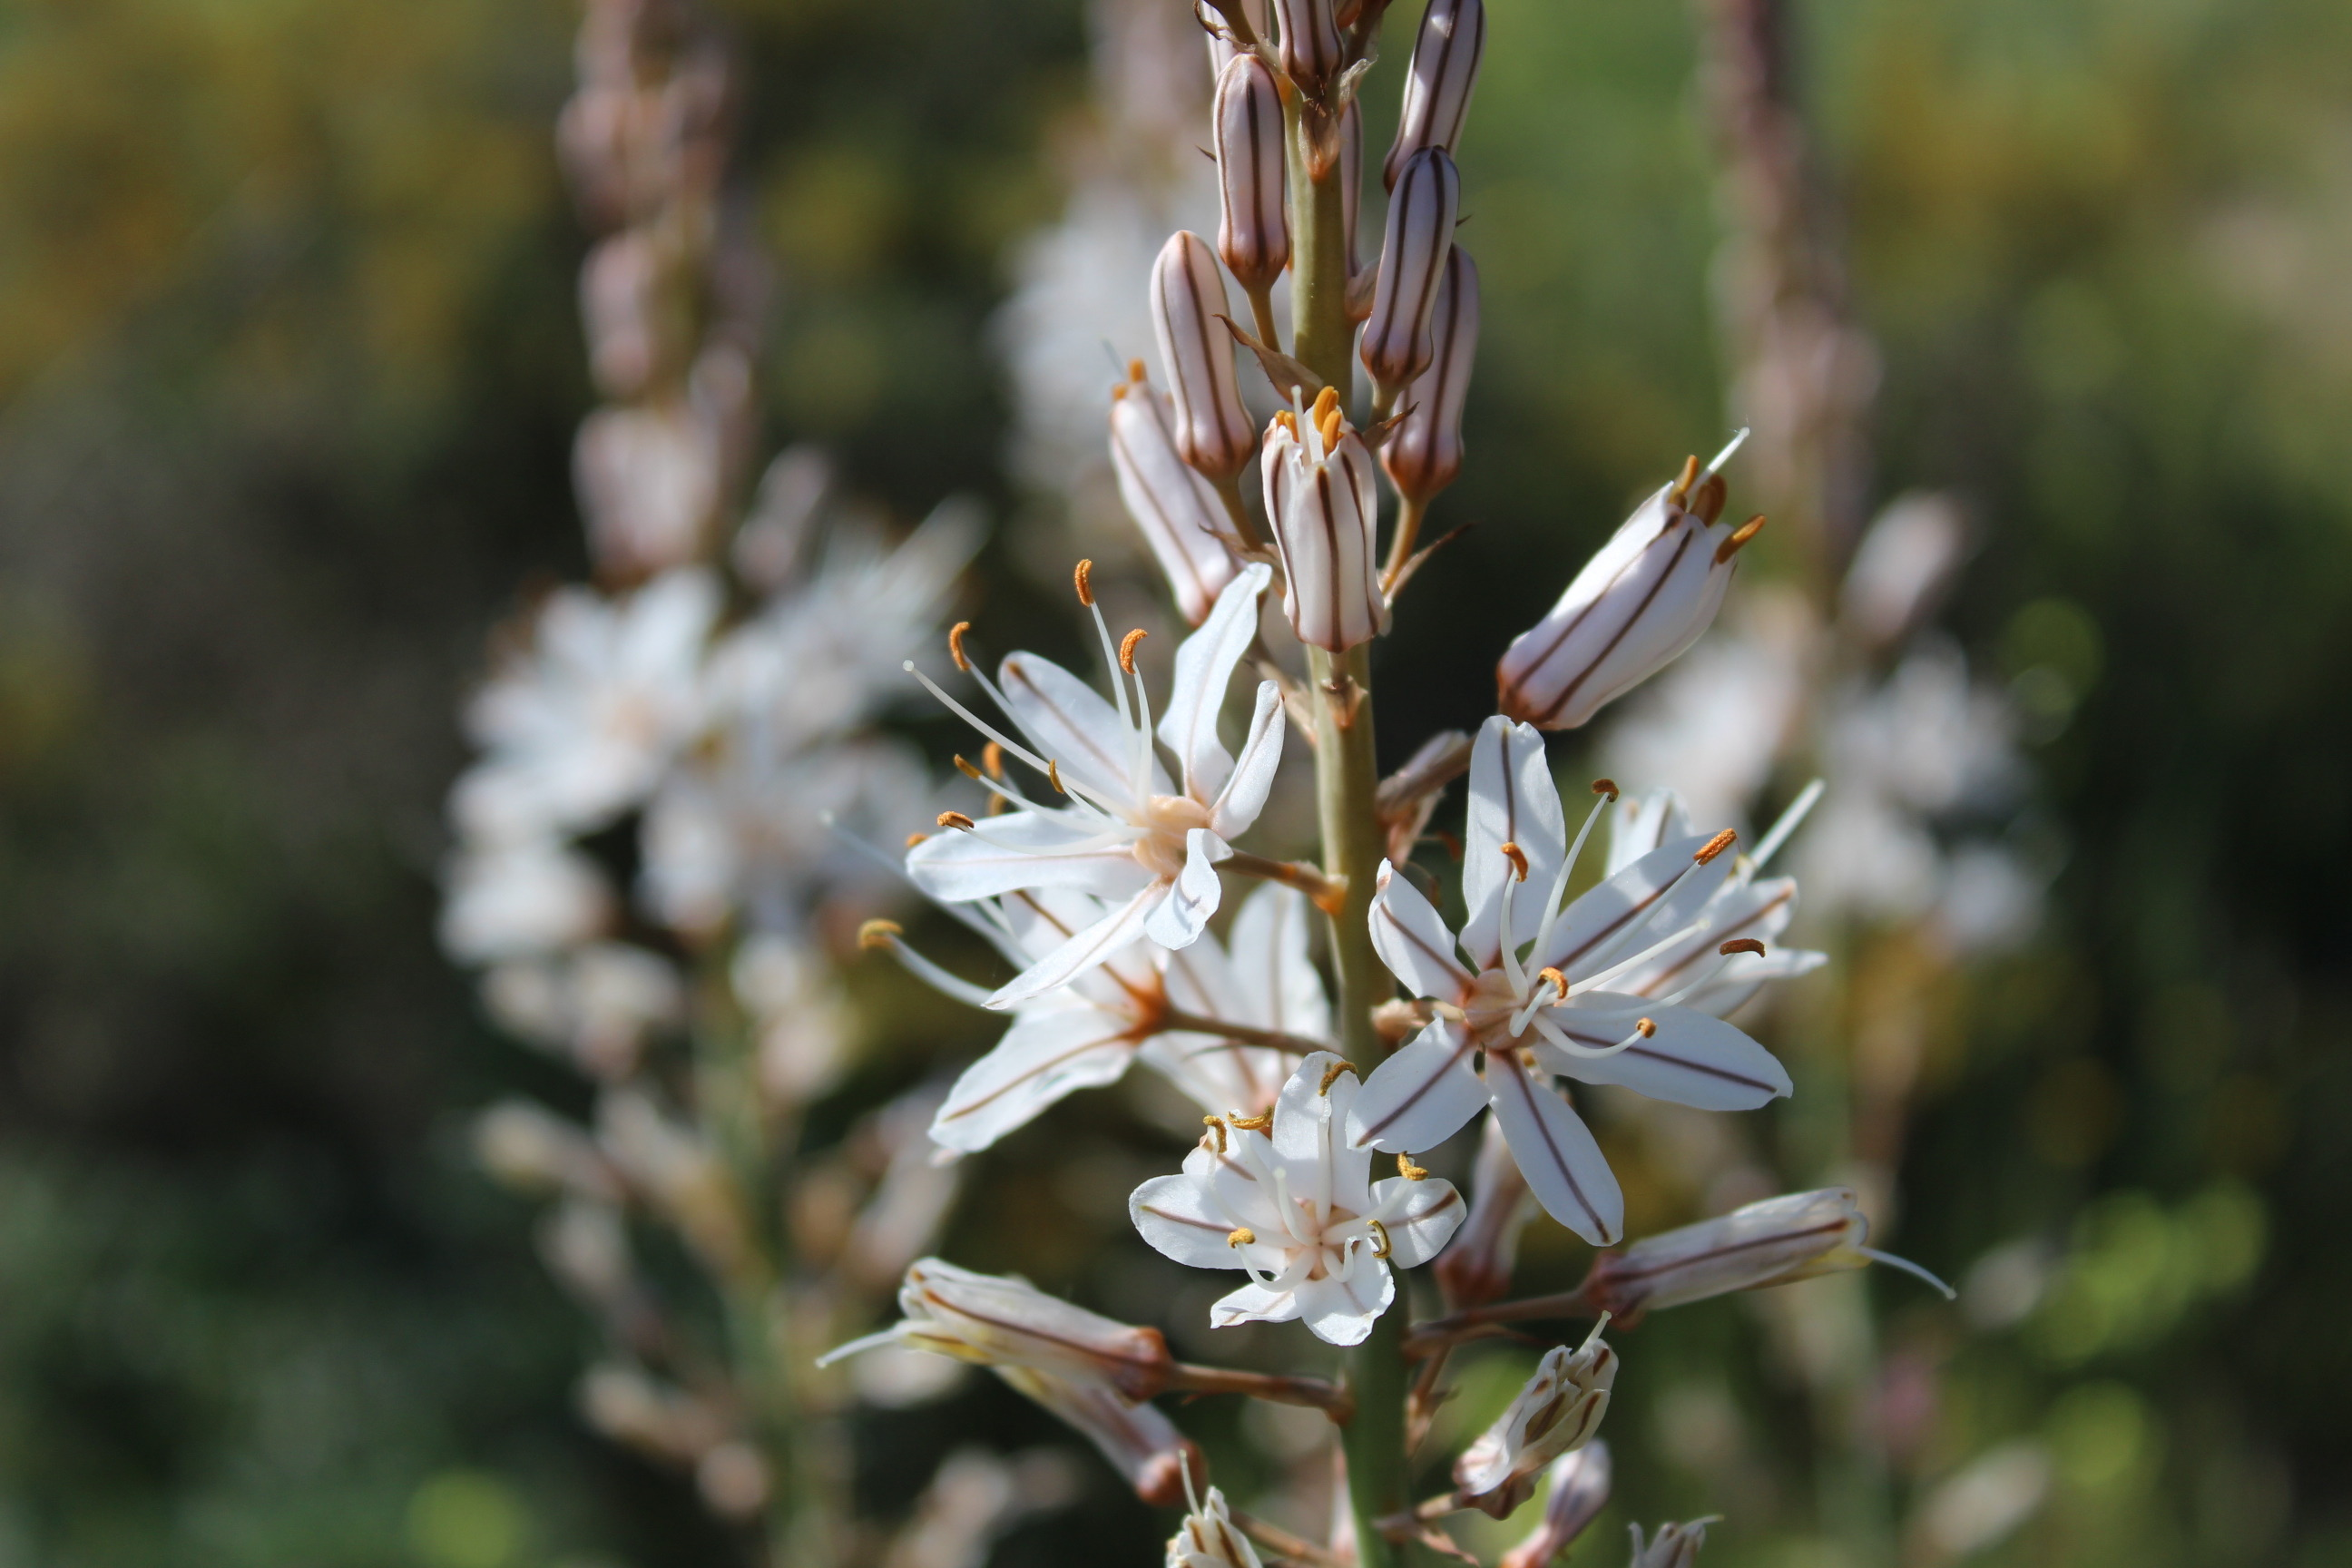 Artemisia herba-alba